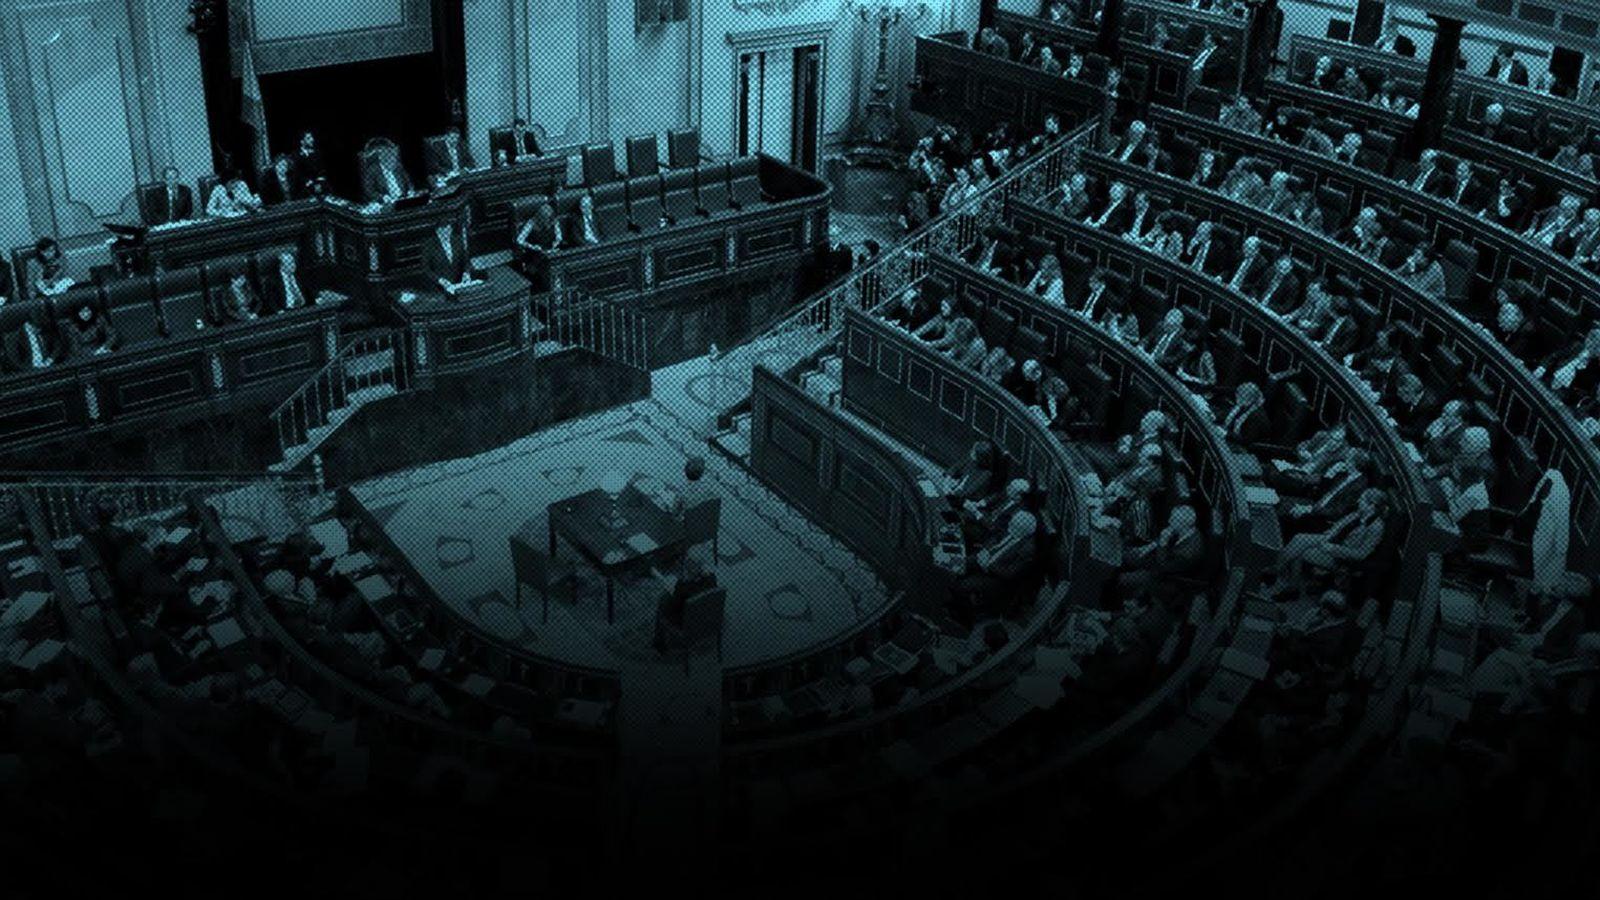 Foto: Sigue en directo el Debate sobre el estado de la Nación 2015 en el Congreso de los Diputados